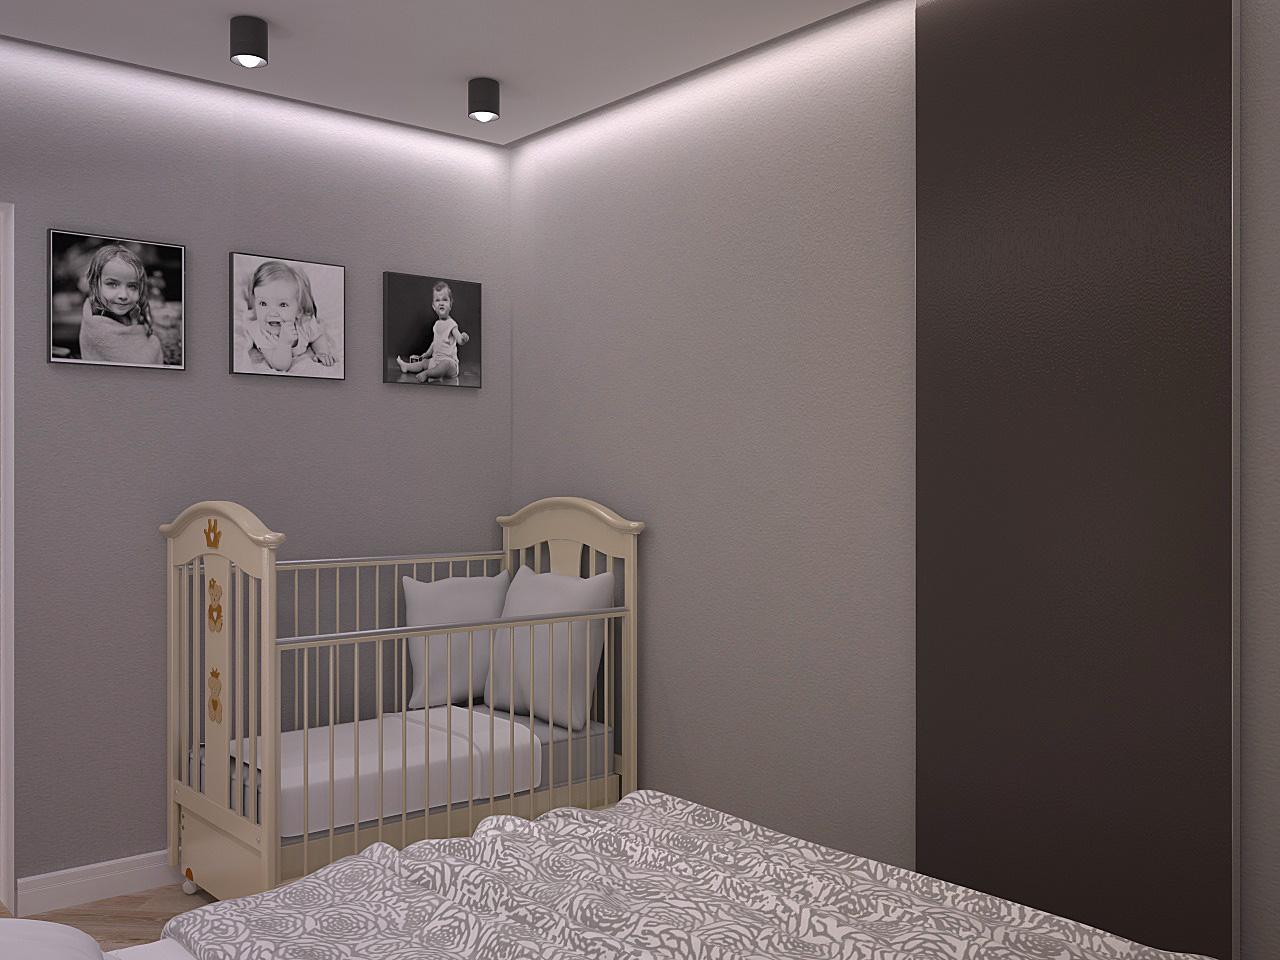 дизайн интерьера, дизайн спальни, дизайн для маленькой квартиры